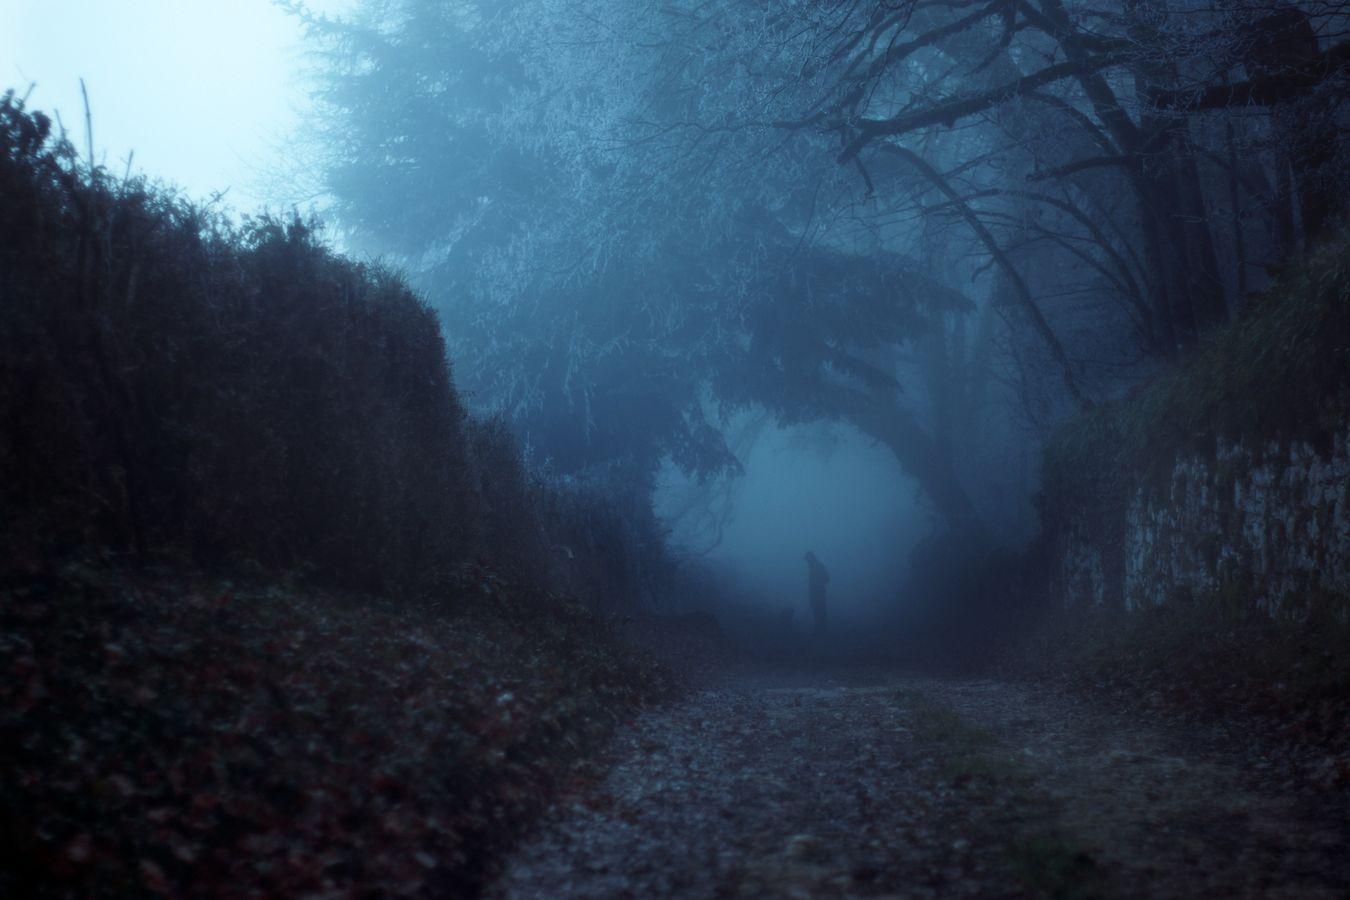 Dans un chemin, plein de brume du Bugey, la petite silhouette de Tsagoï dépasse à peine des fourrées. Pourtant, il a toute l'attention de son Maître, Luc.